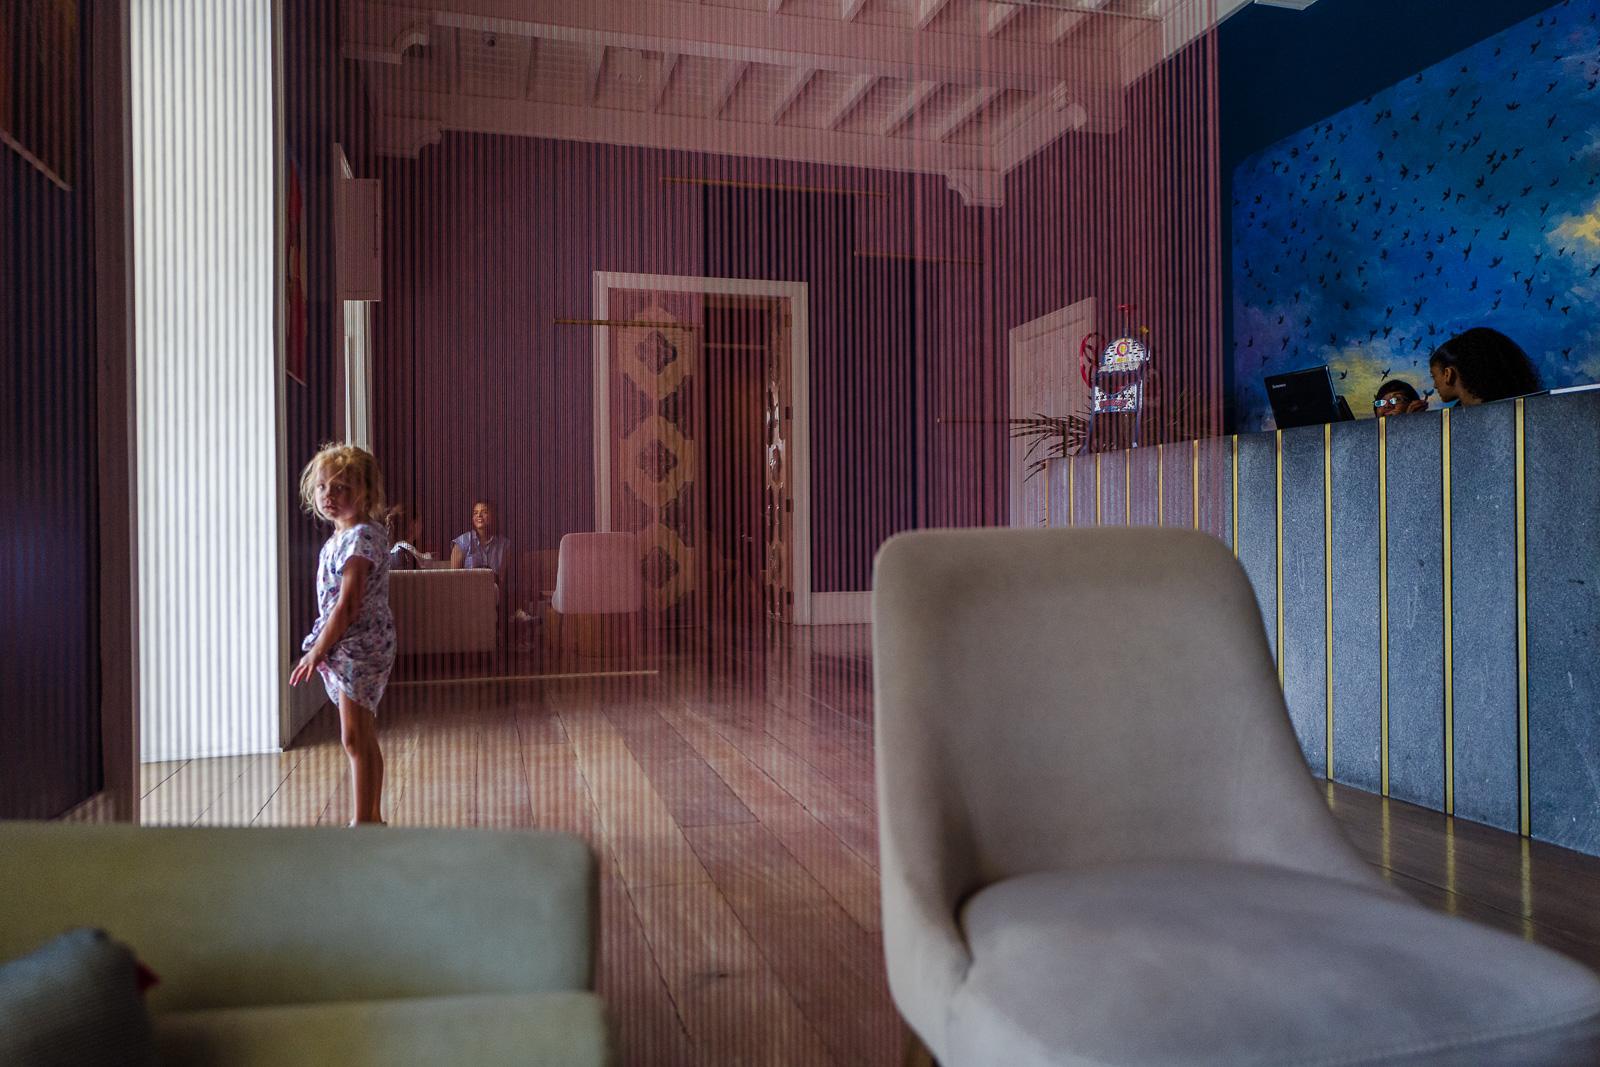 Sfondi finestra architettura bambini camera parete tavolo